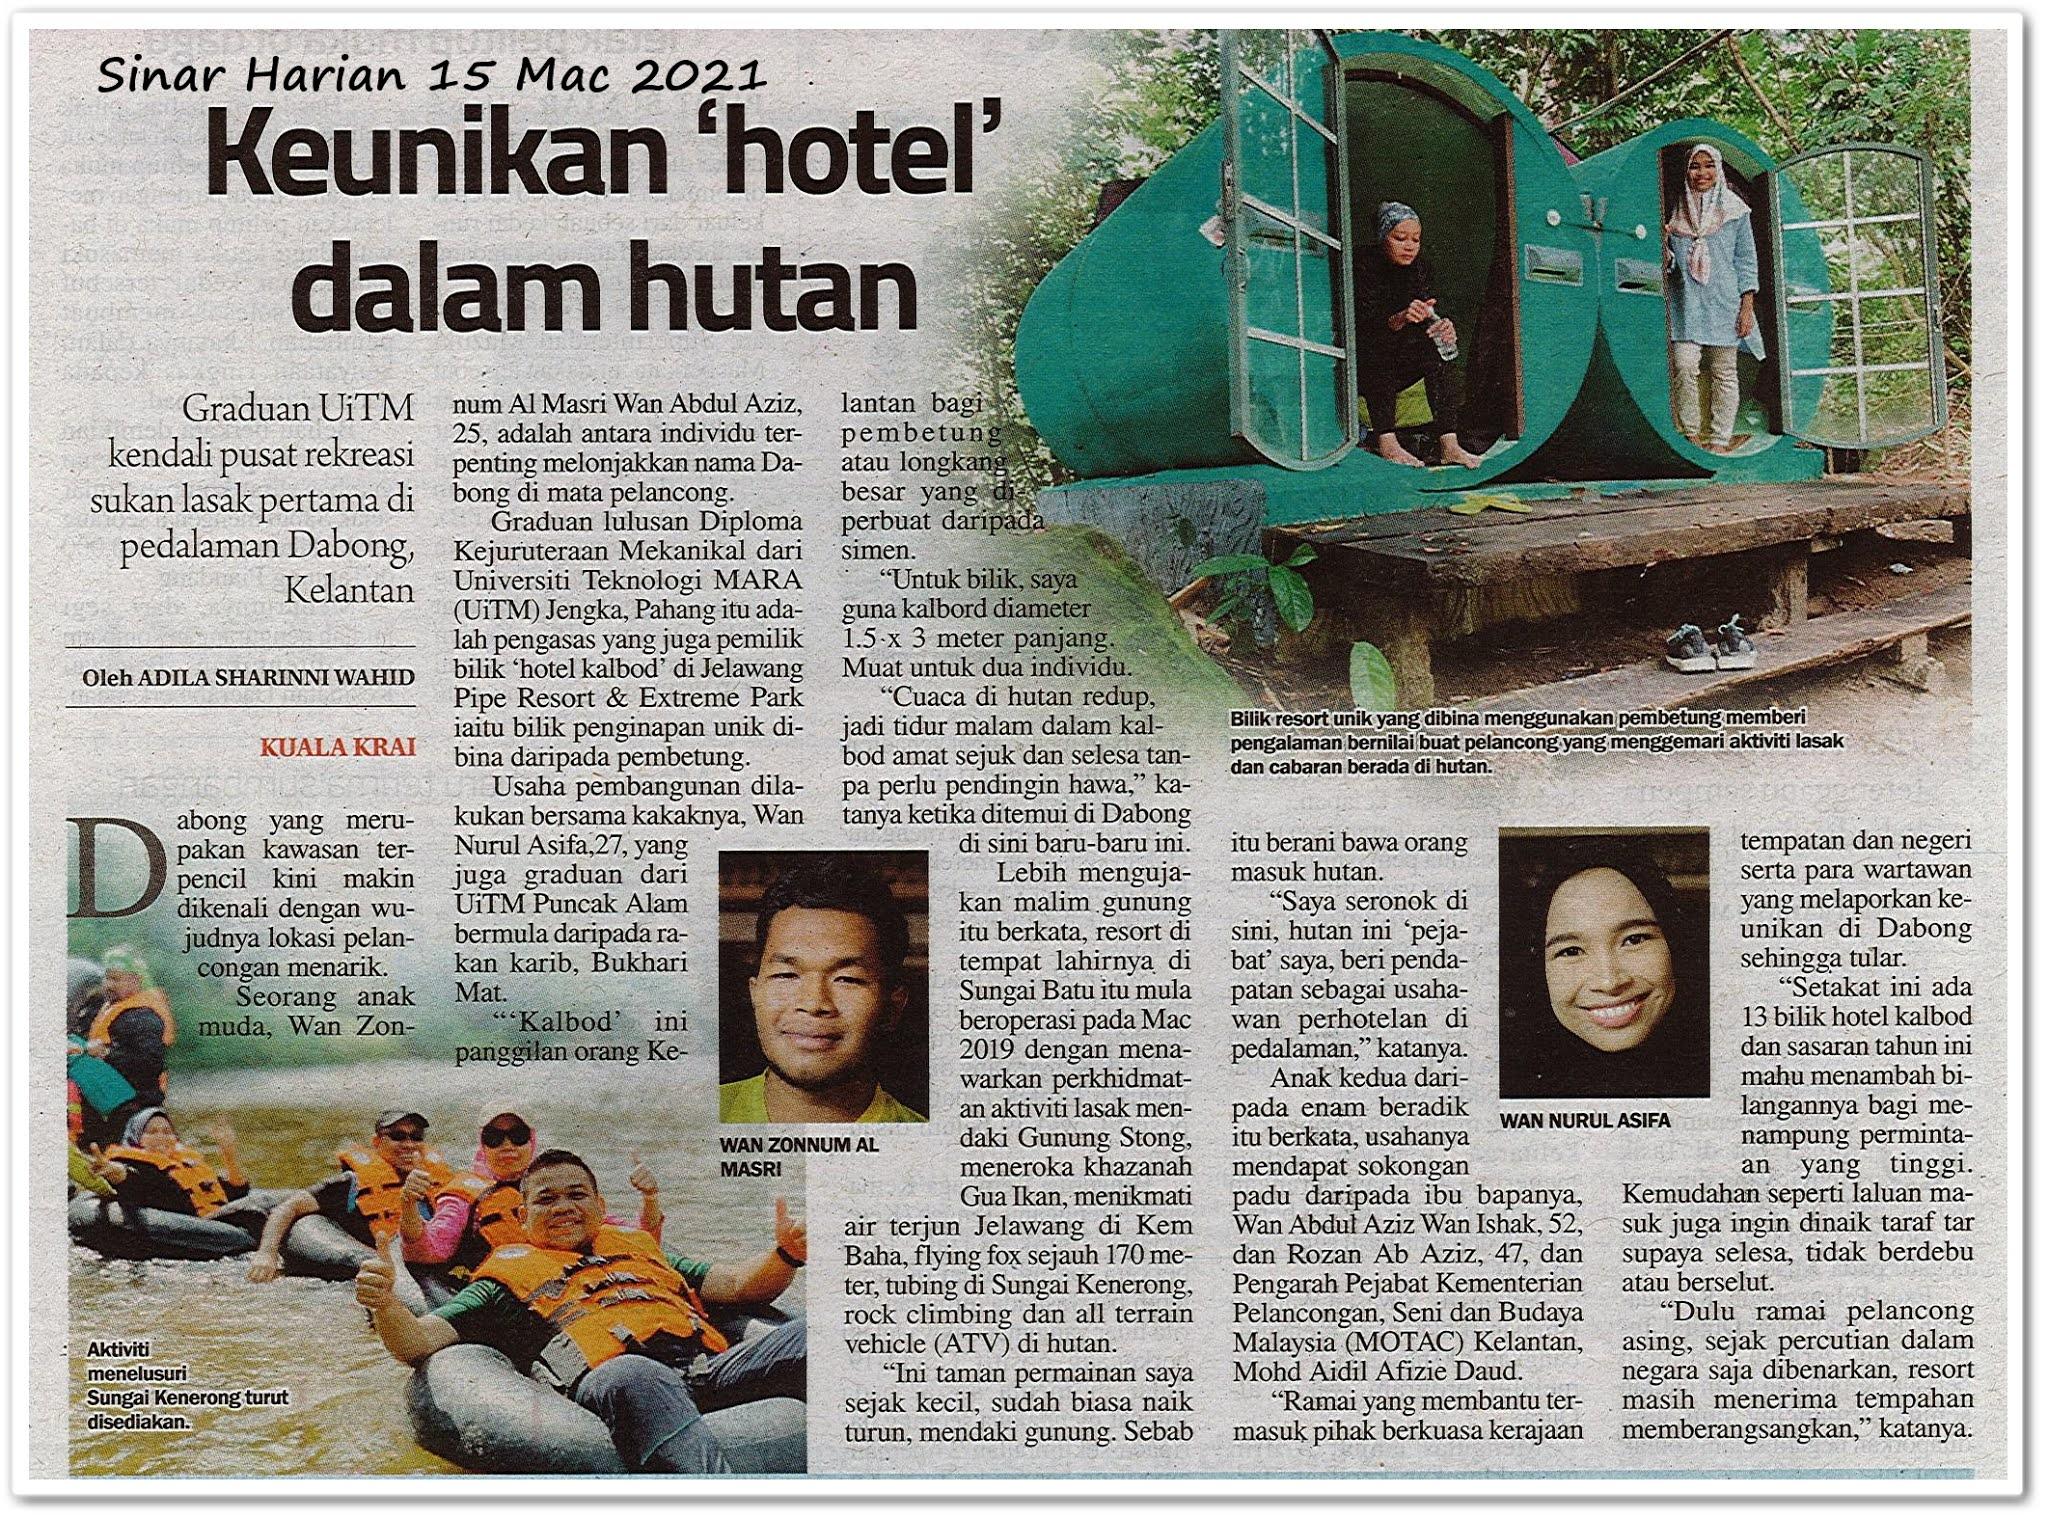 Keunikan 'hotel' dalam hutan - Keratan akhbar Sinar Harian 15 Mac 2021